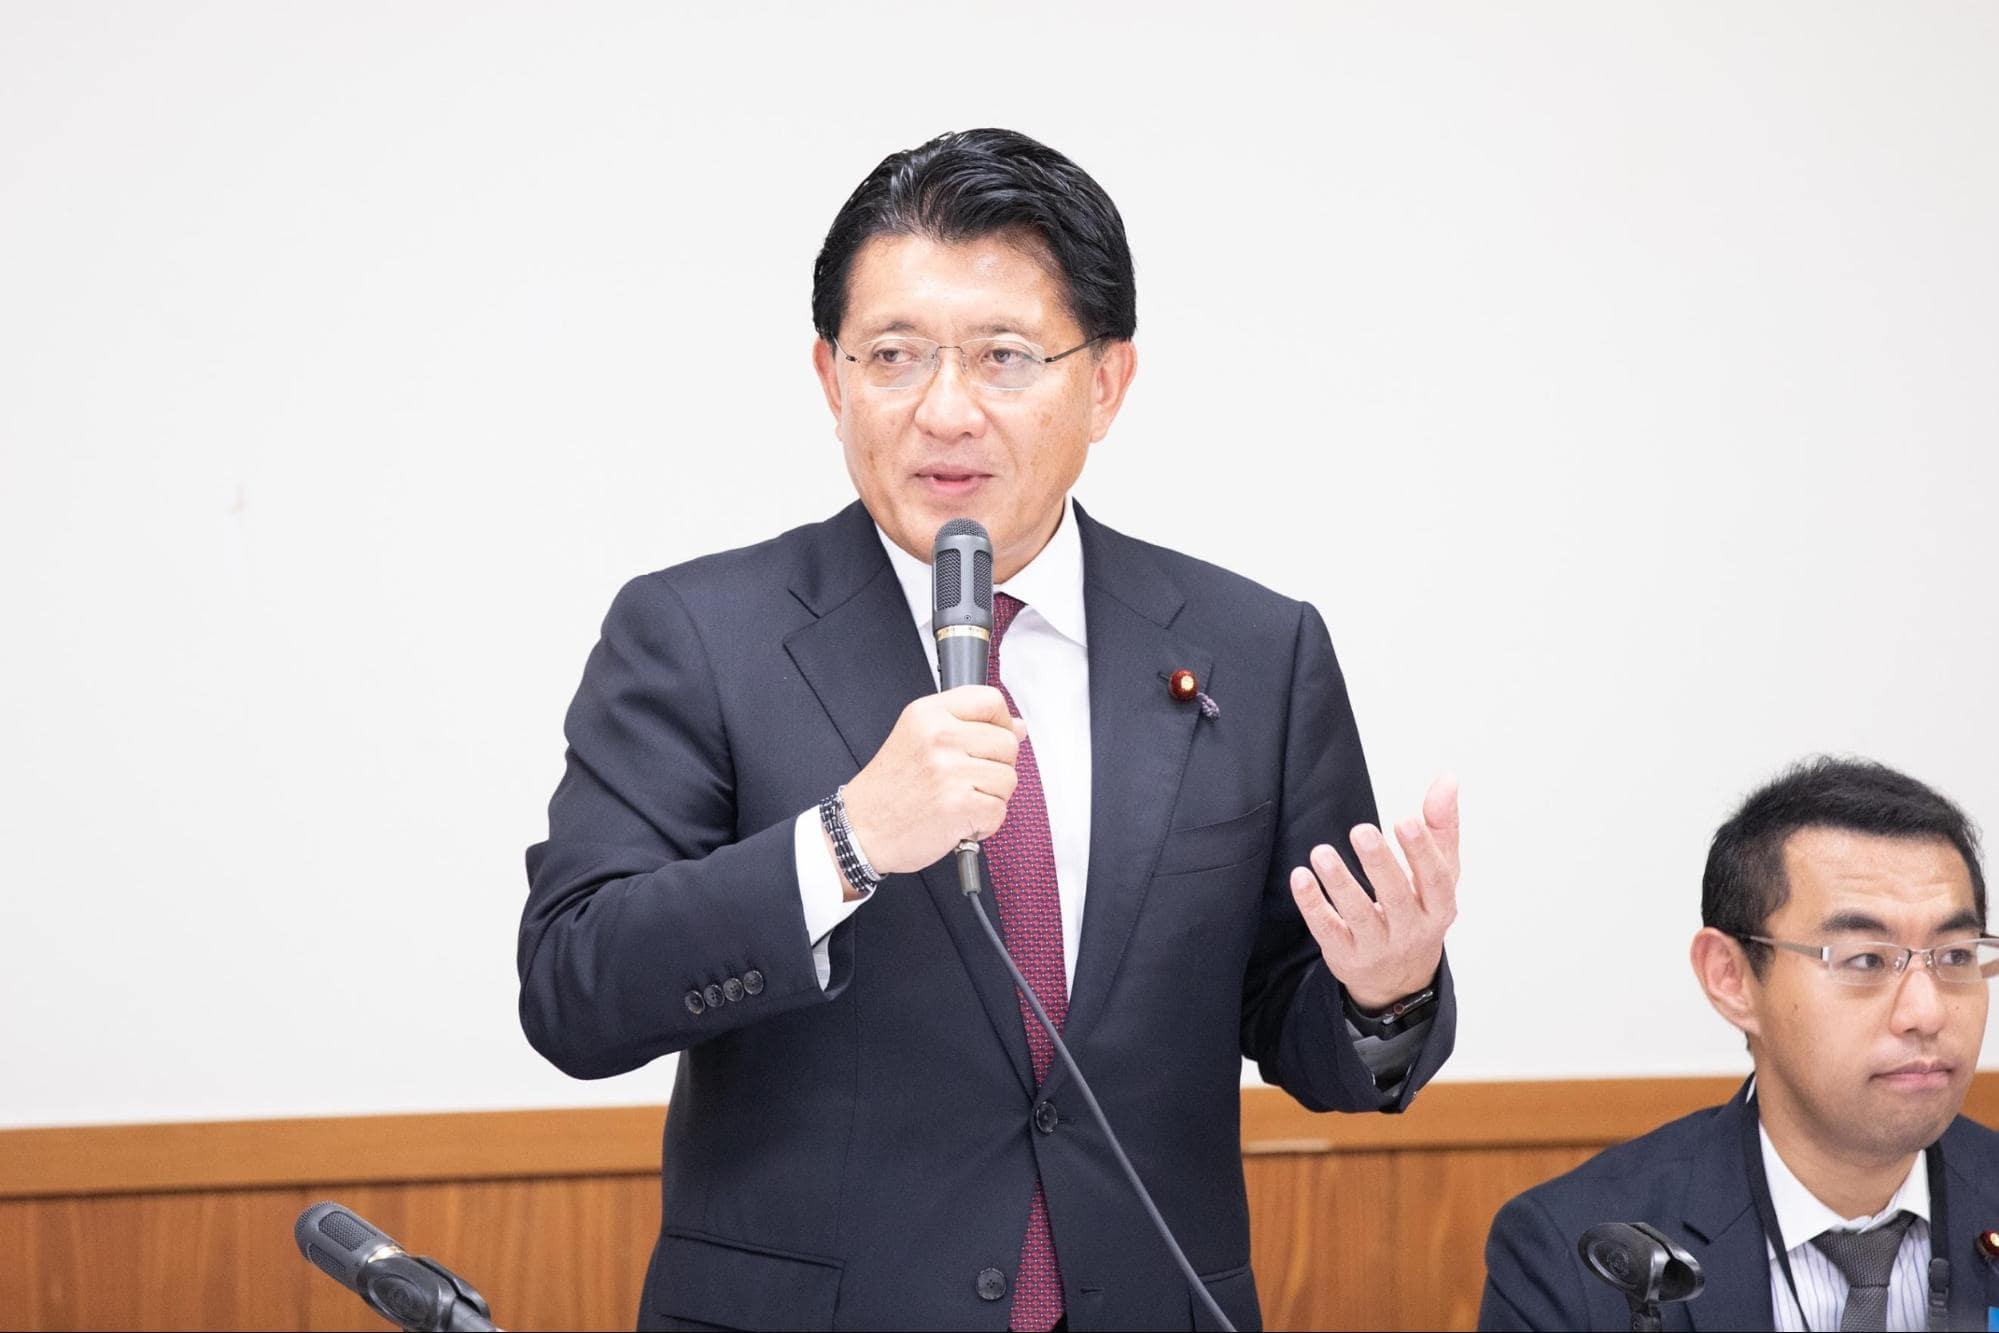 開会の挨拶を担当したのは、総会の発起人である平井卓也 衆議院議員だ。